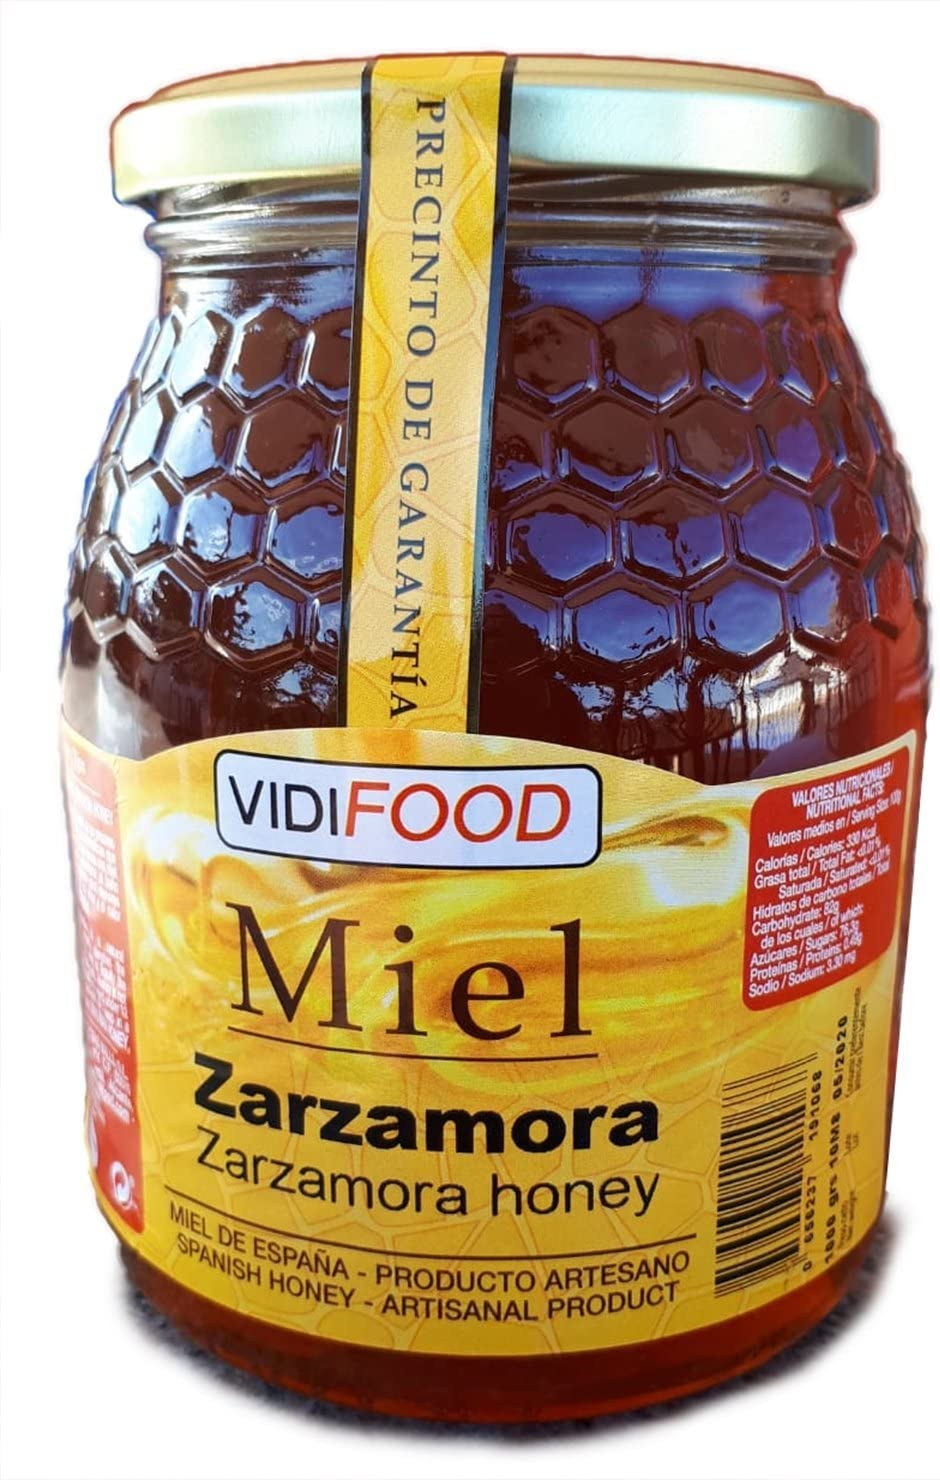 Miel de Zarzamora - 1kg - Producida en España - Alta Calidad, tradicional & 100% pura: Amazon.es: Alimentación y bebidas